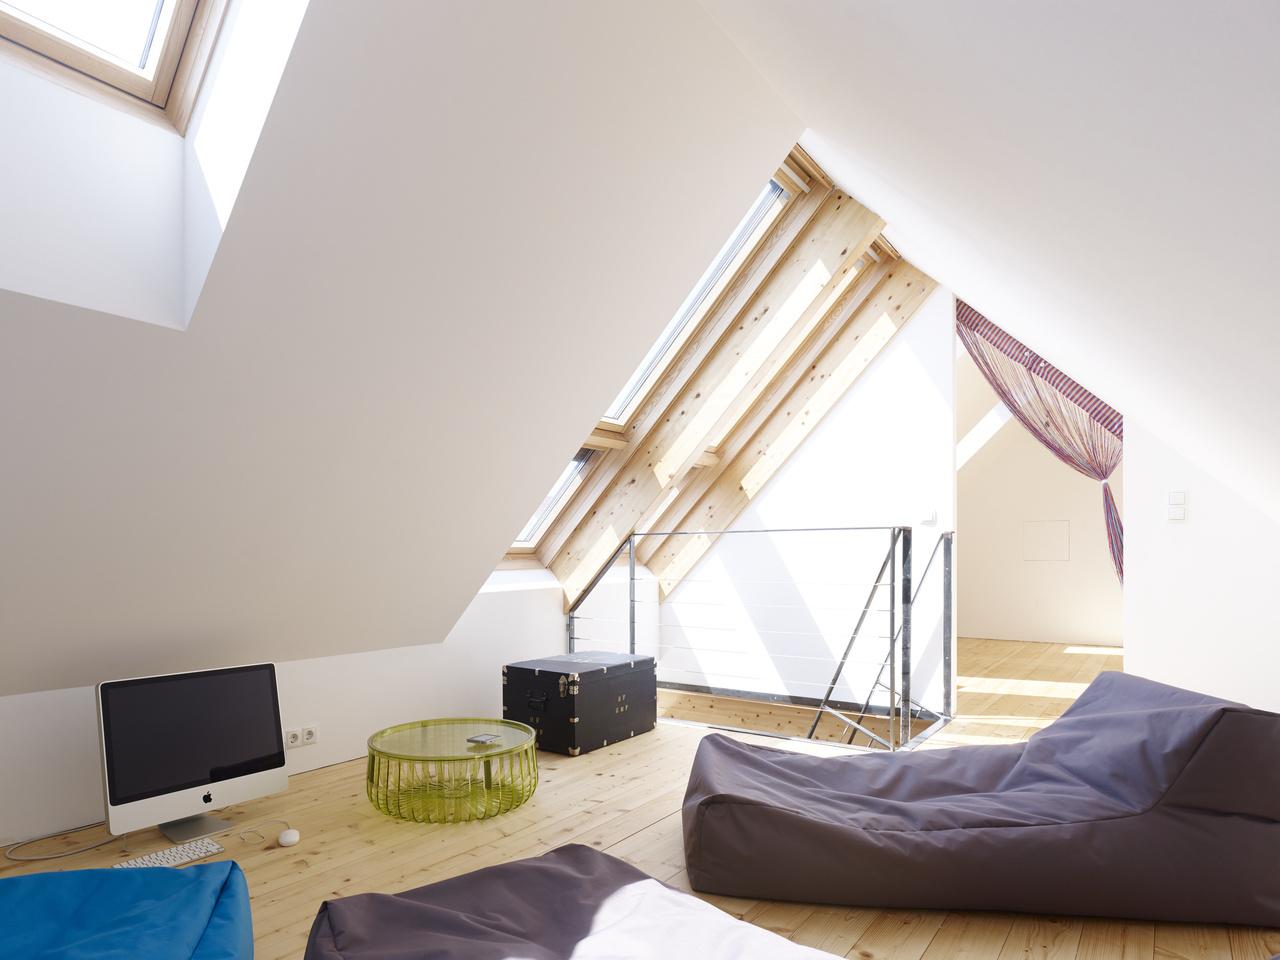 Investori aj architekt boli otvorení rôznym inovatívnym riešeniam, preto sa rozhodli pre systém VELUX INTEGRA®, či strešný balkón VELUX CABRIO®.